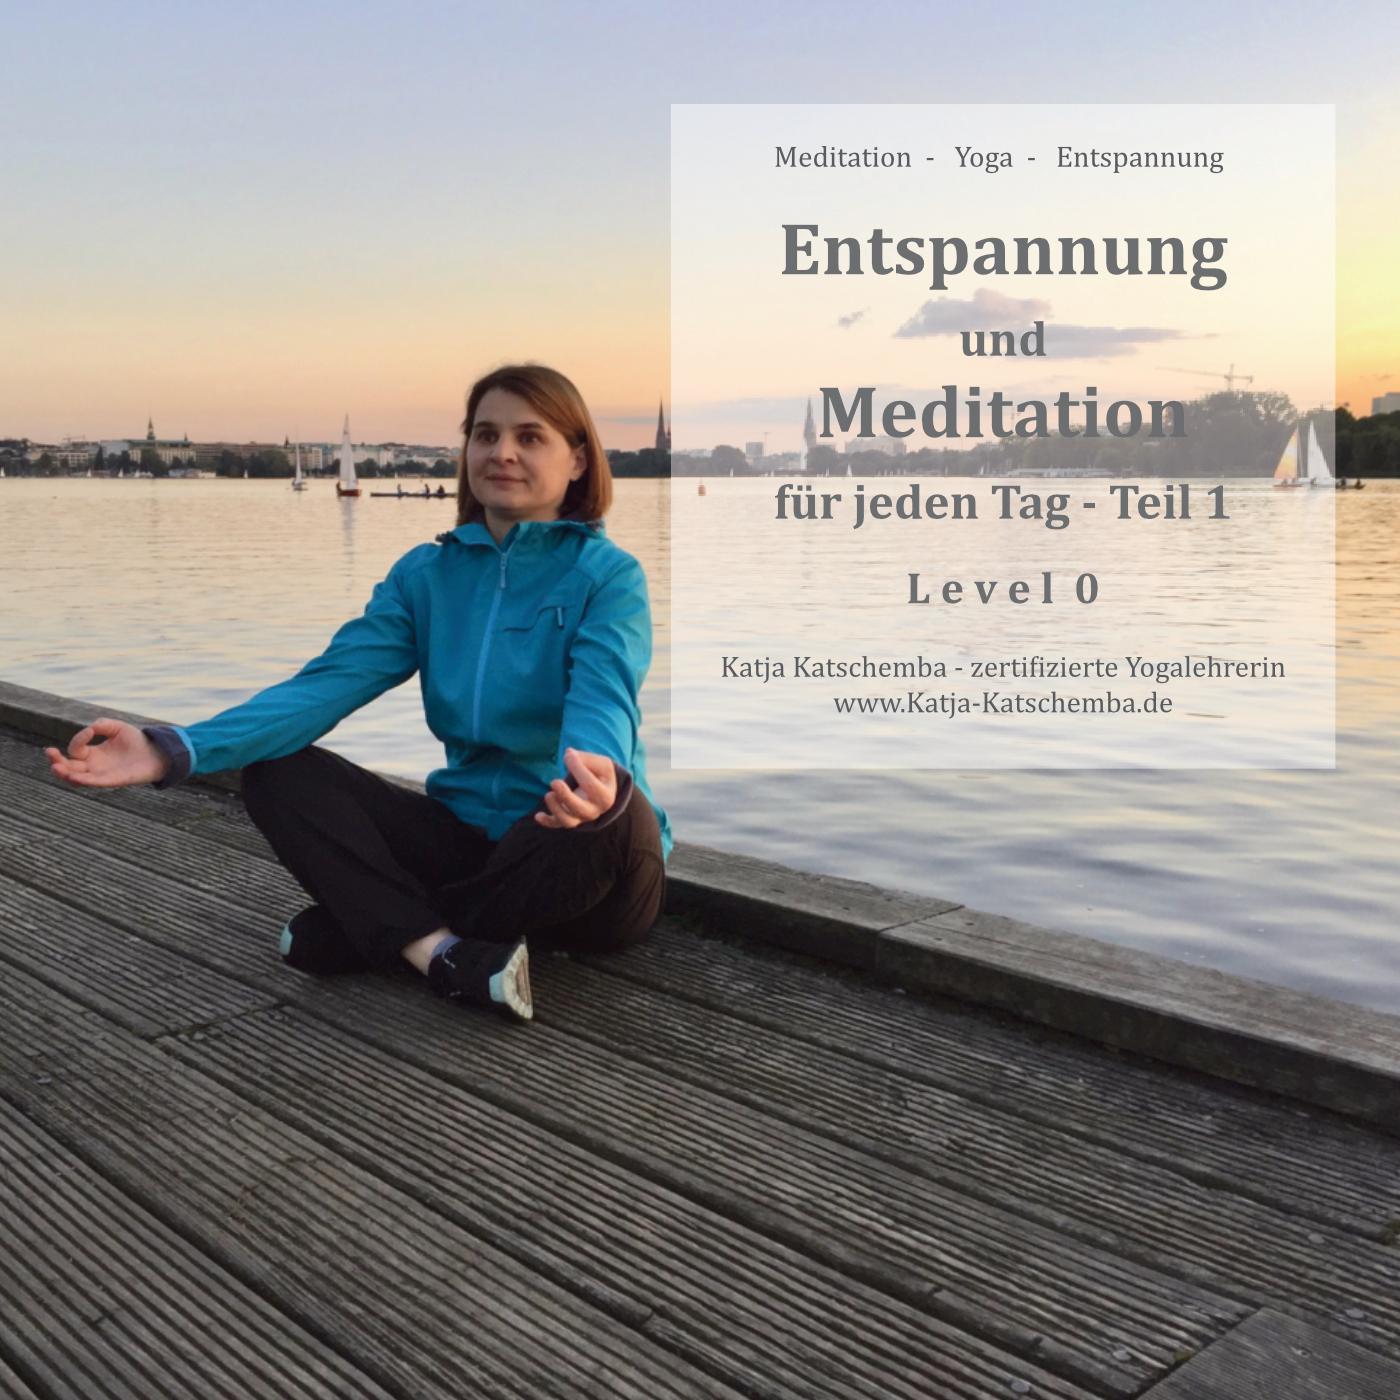 Entspannung und Meditation für jeden Tag - Teil 1